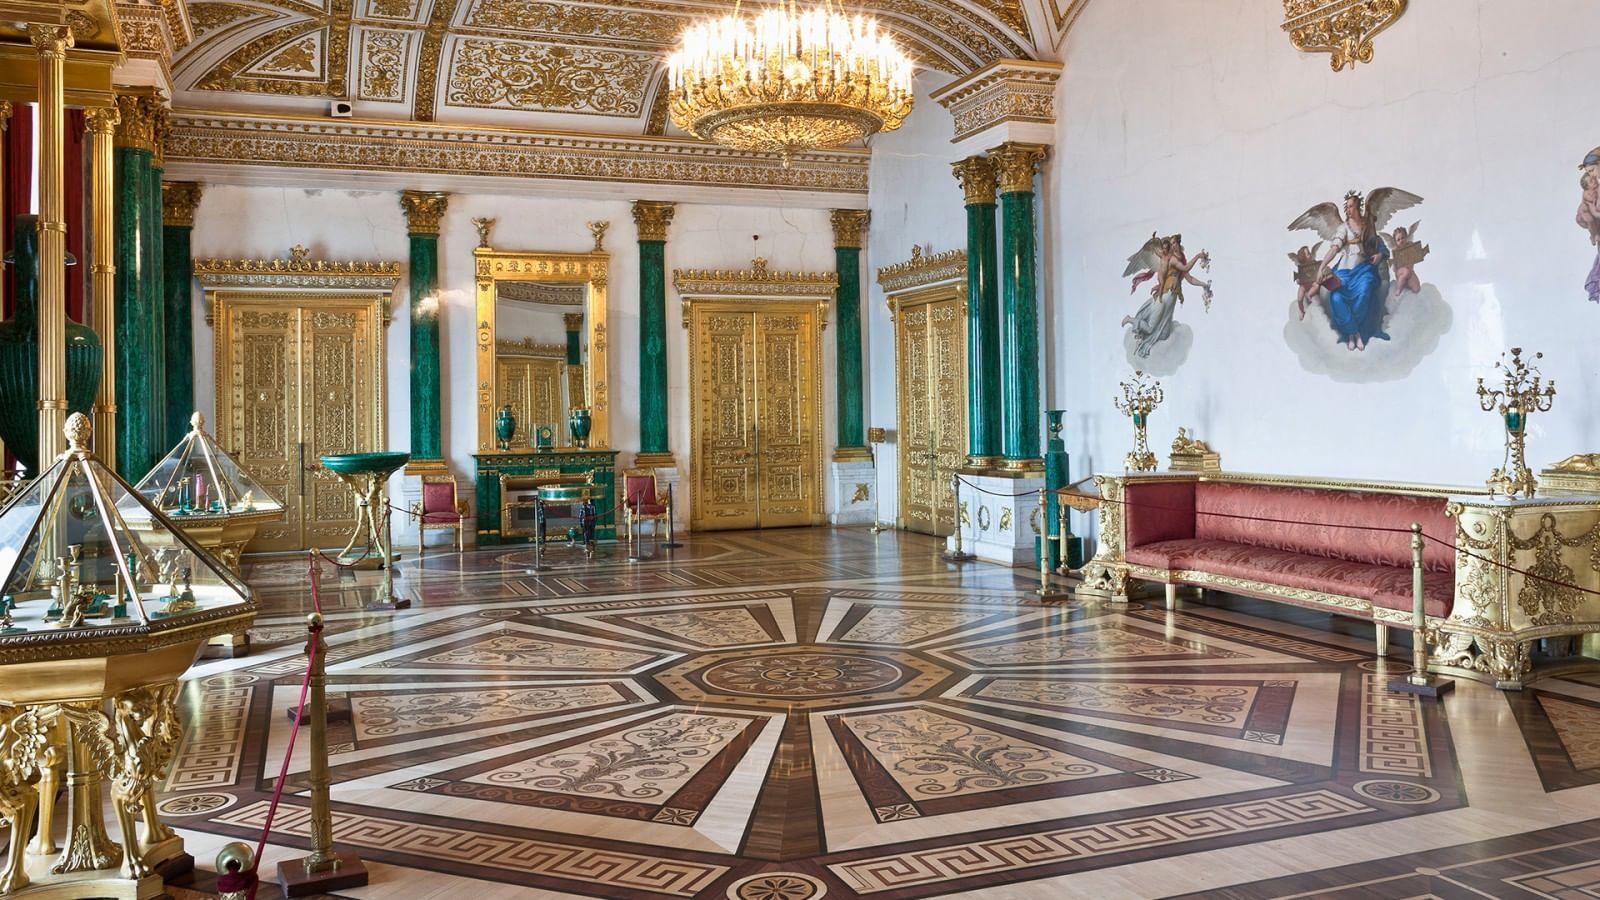 Государственный музей Эрмитаж. 3 изображения